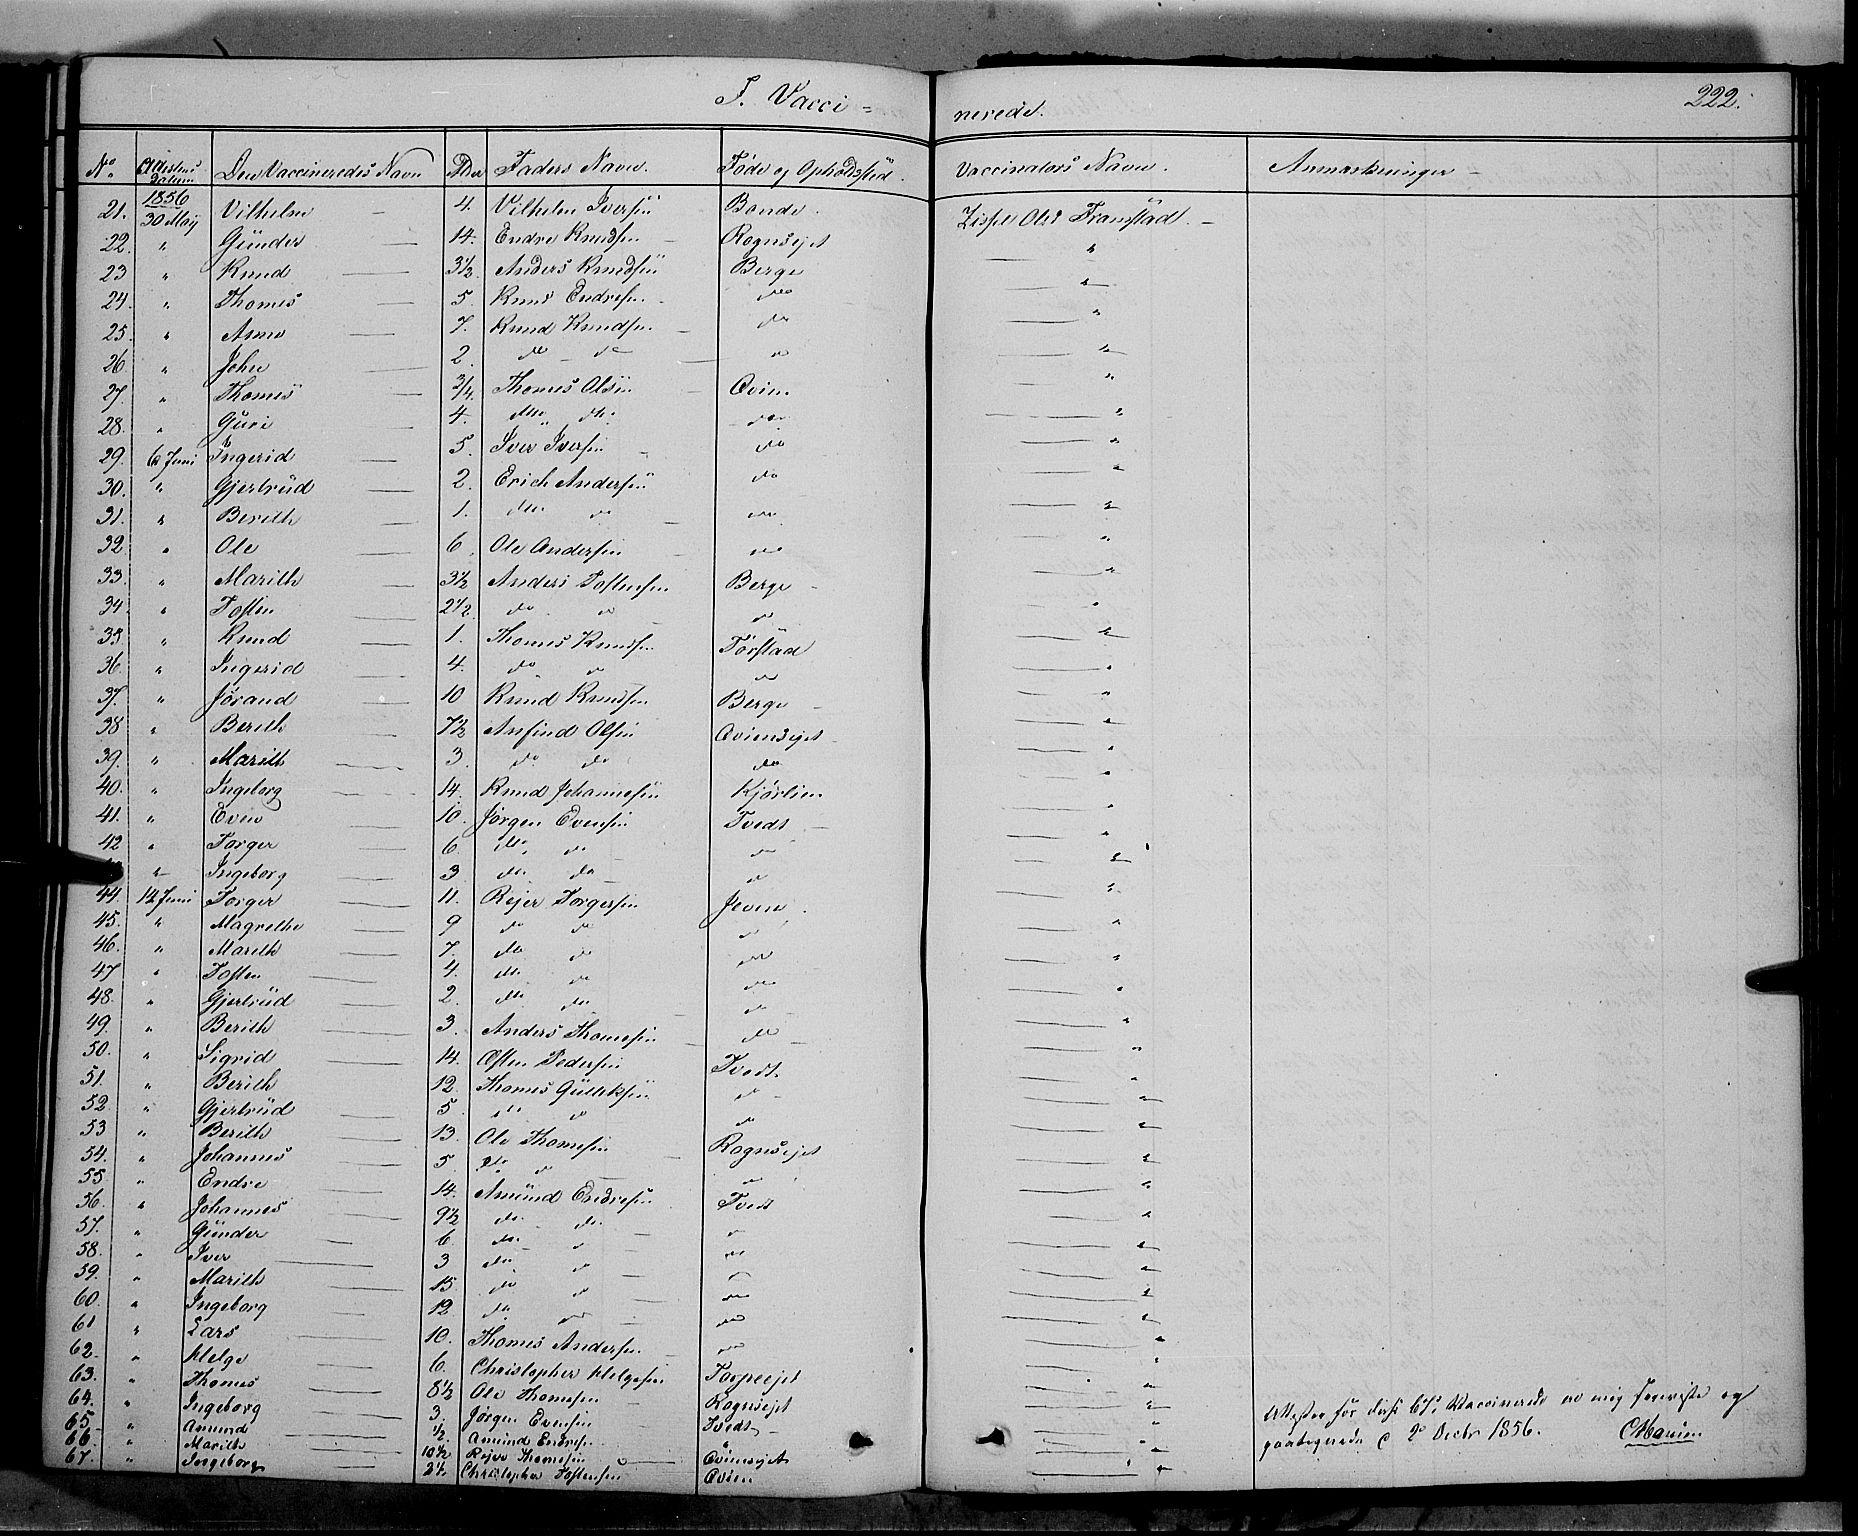 SAH, Vang prestekontor, Valdres, Ministerialbok nr. 6, 1846-1864, s. 222